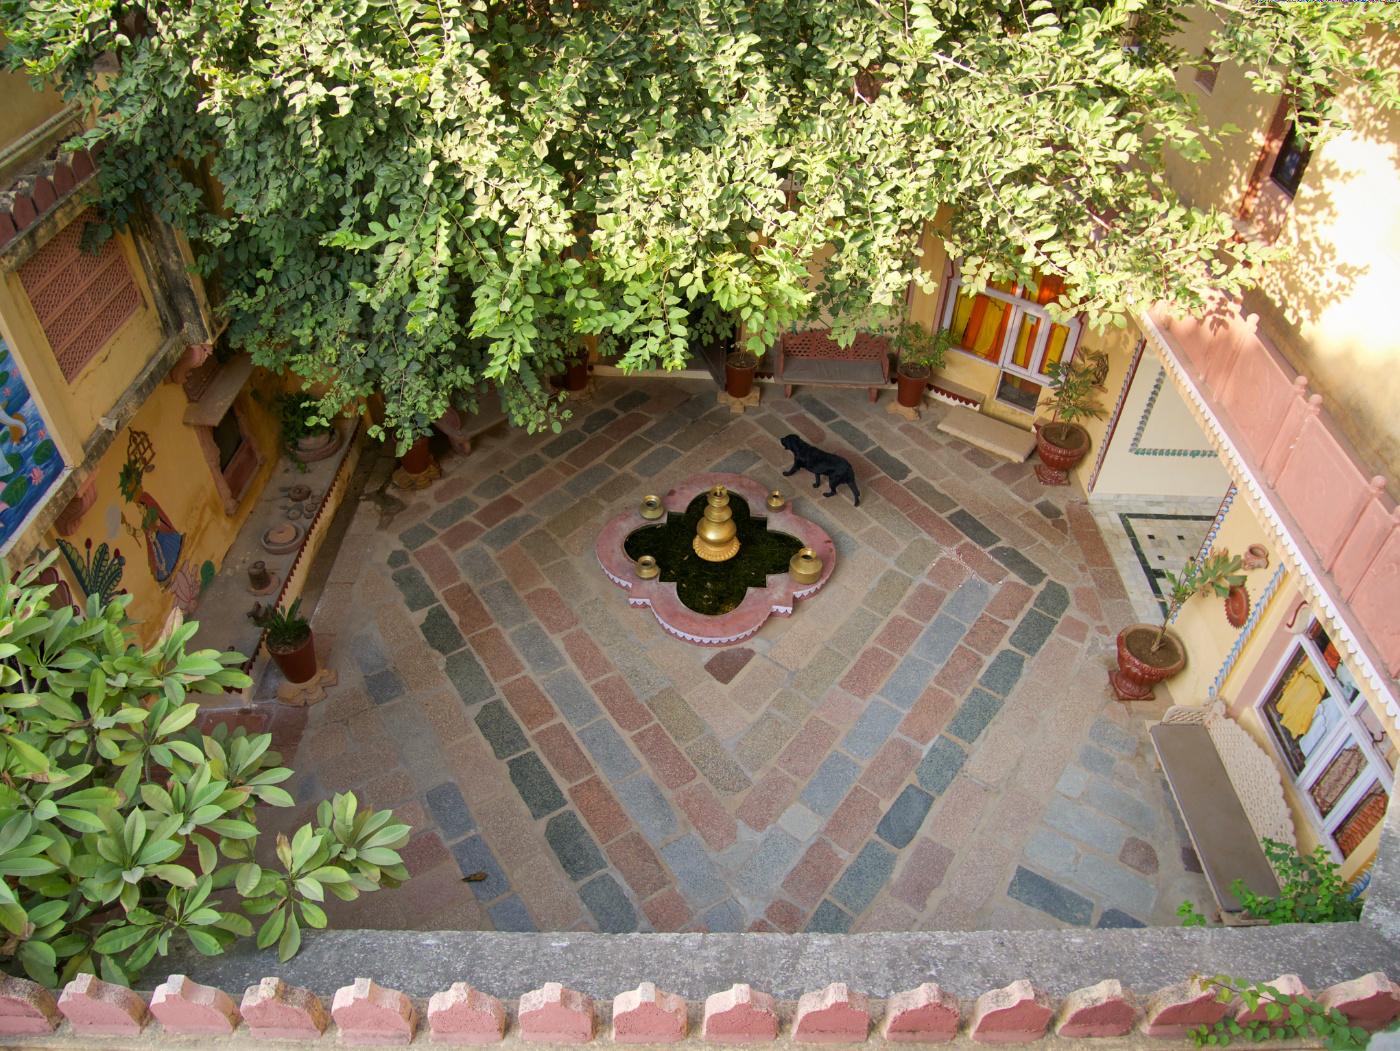 643-India-Bhenswara